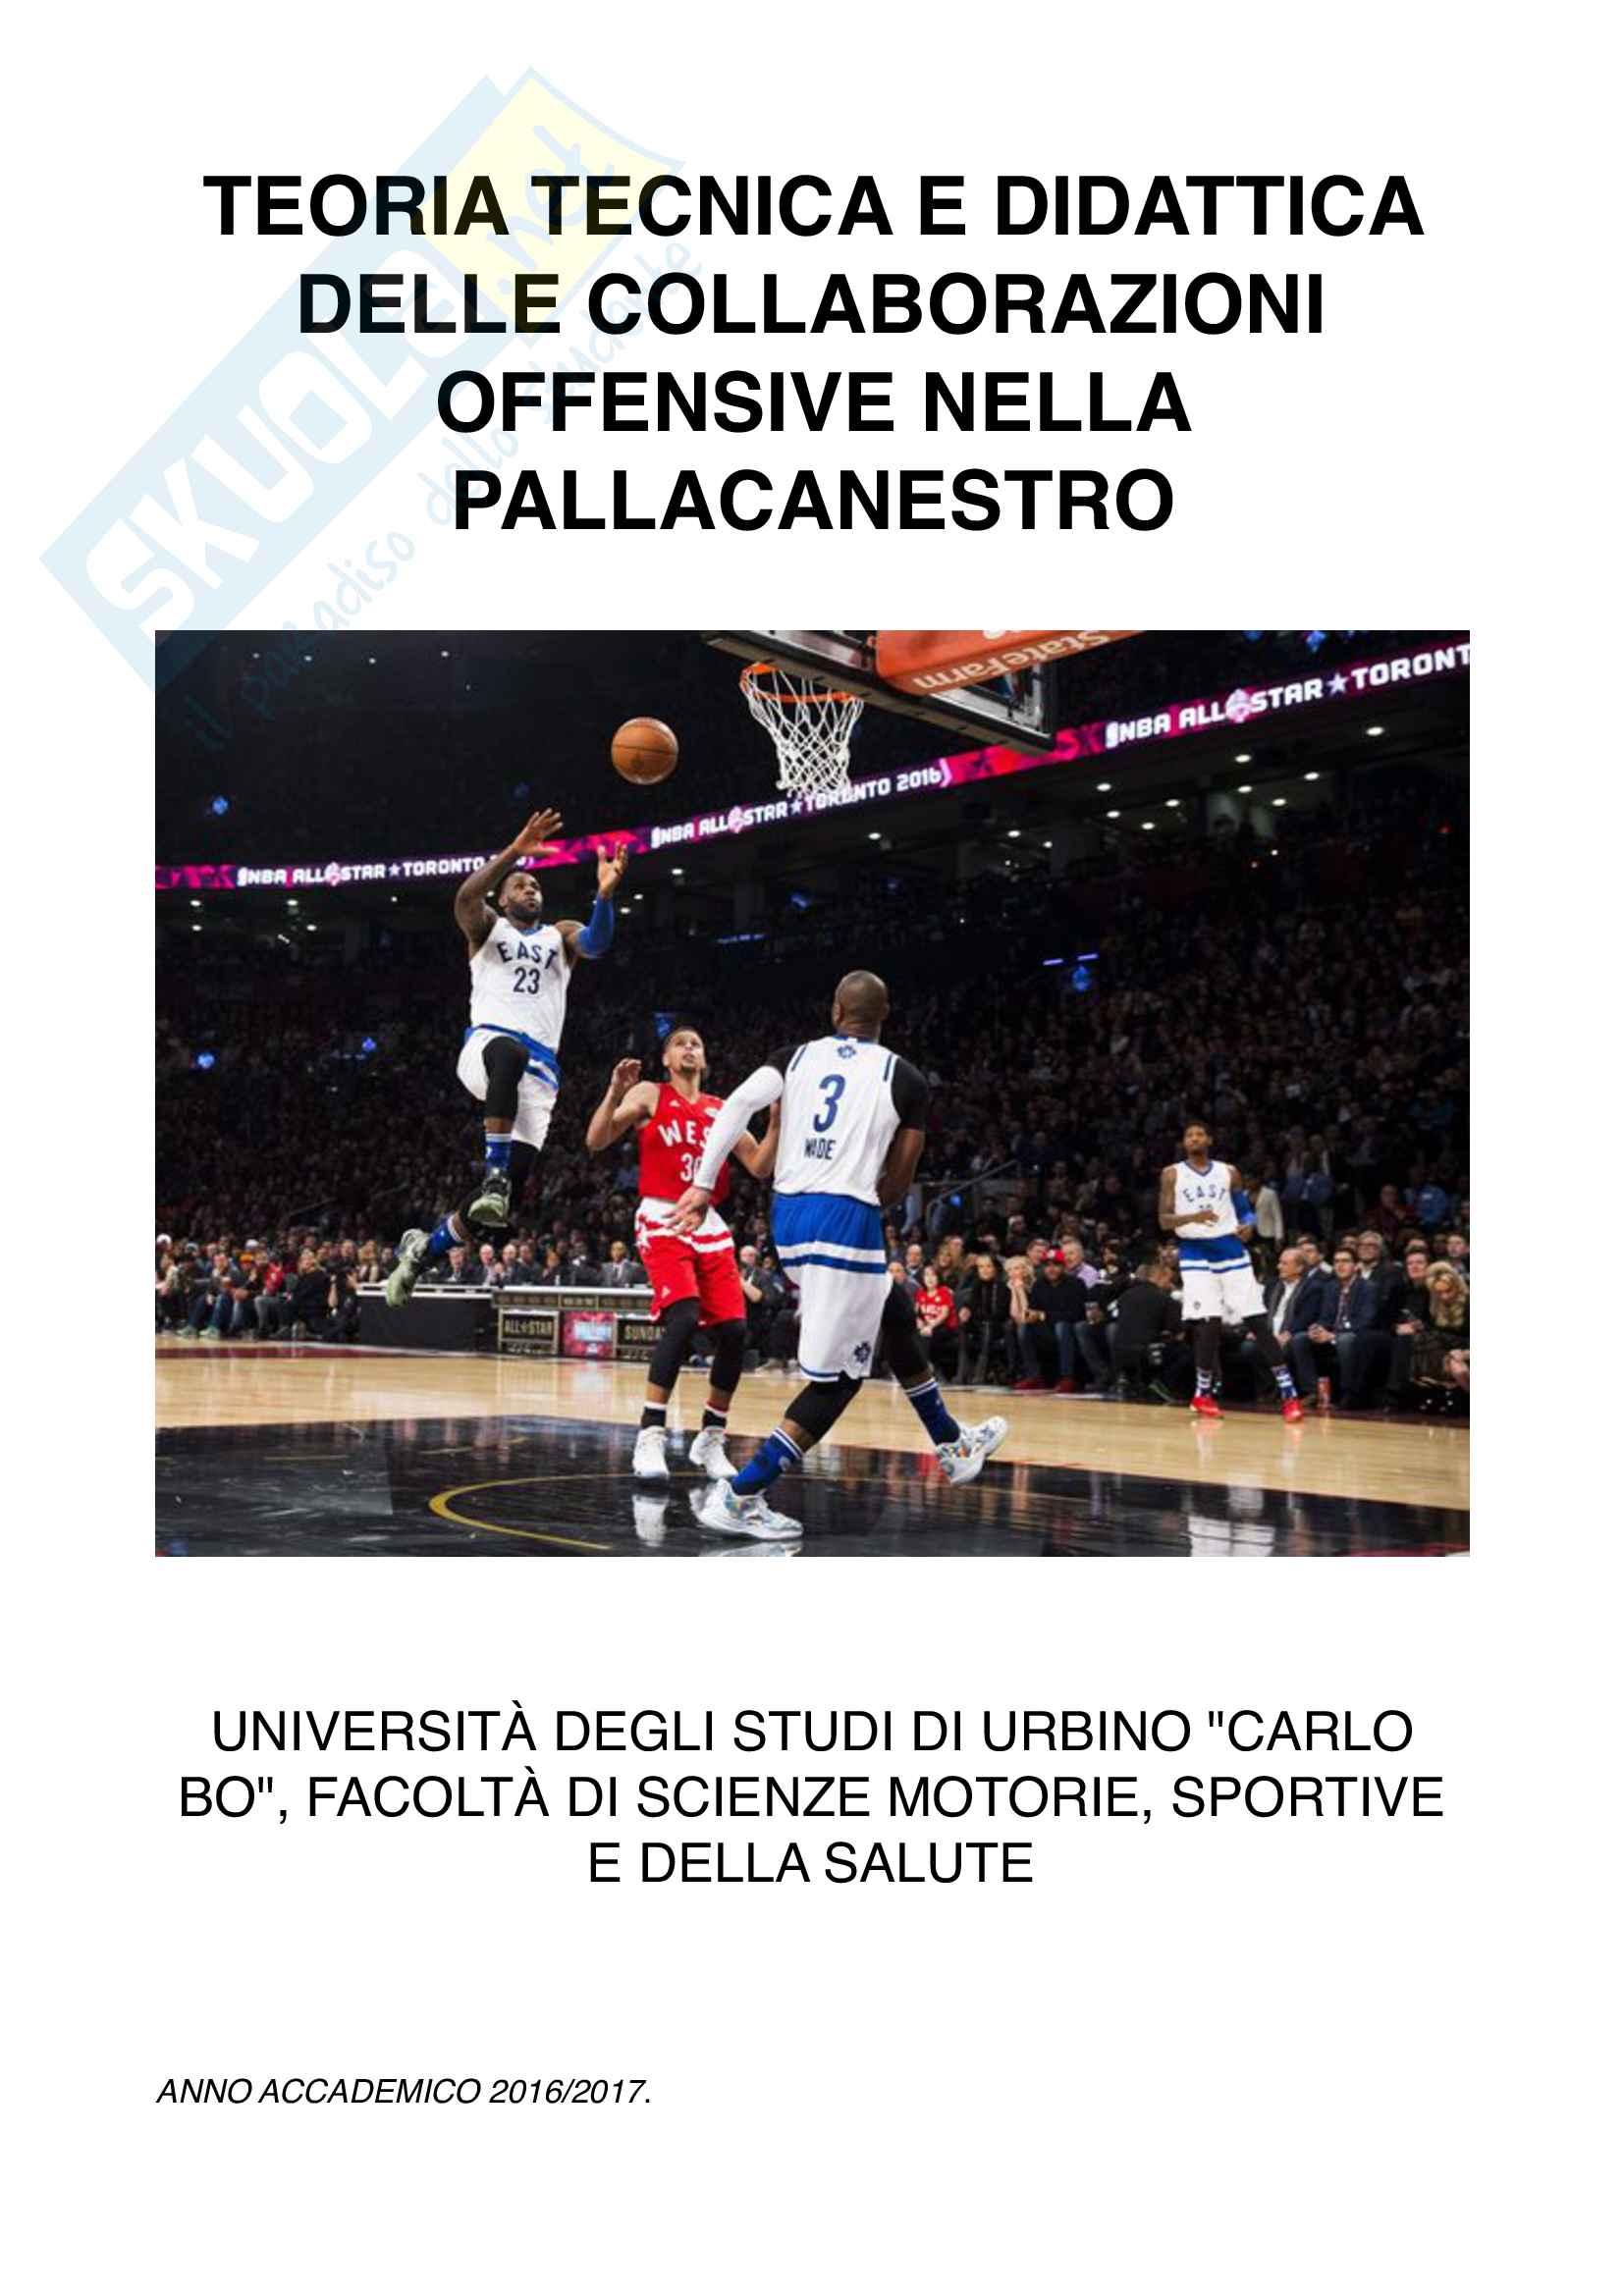 Teoria, tecnica e didattica sport di squadra: tesina collaborazioni offensive basket